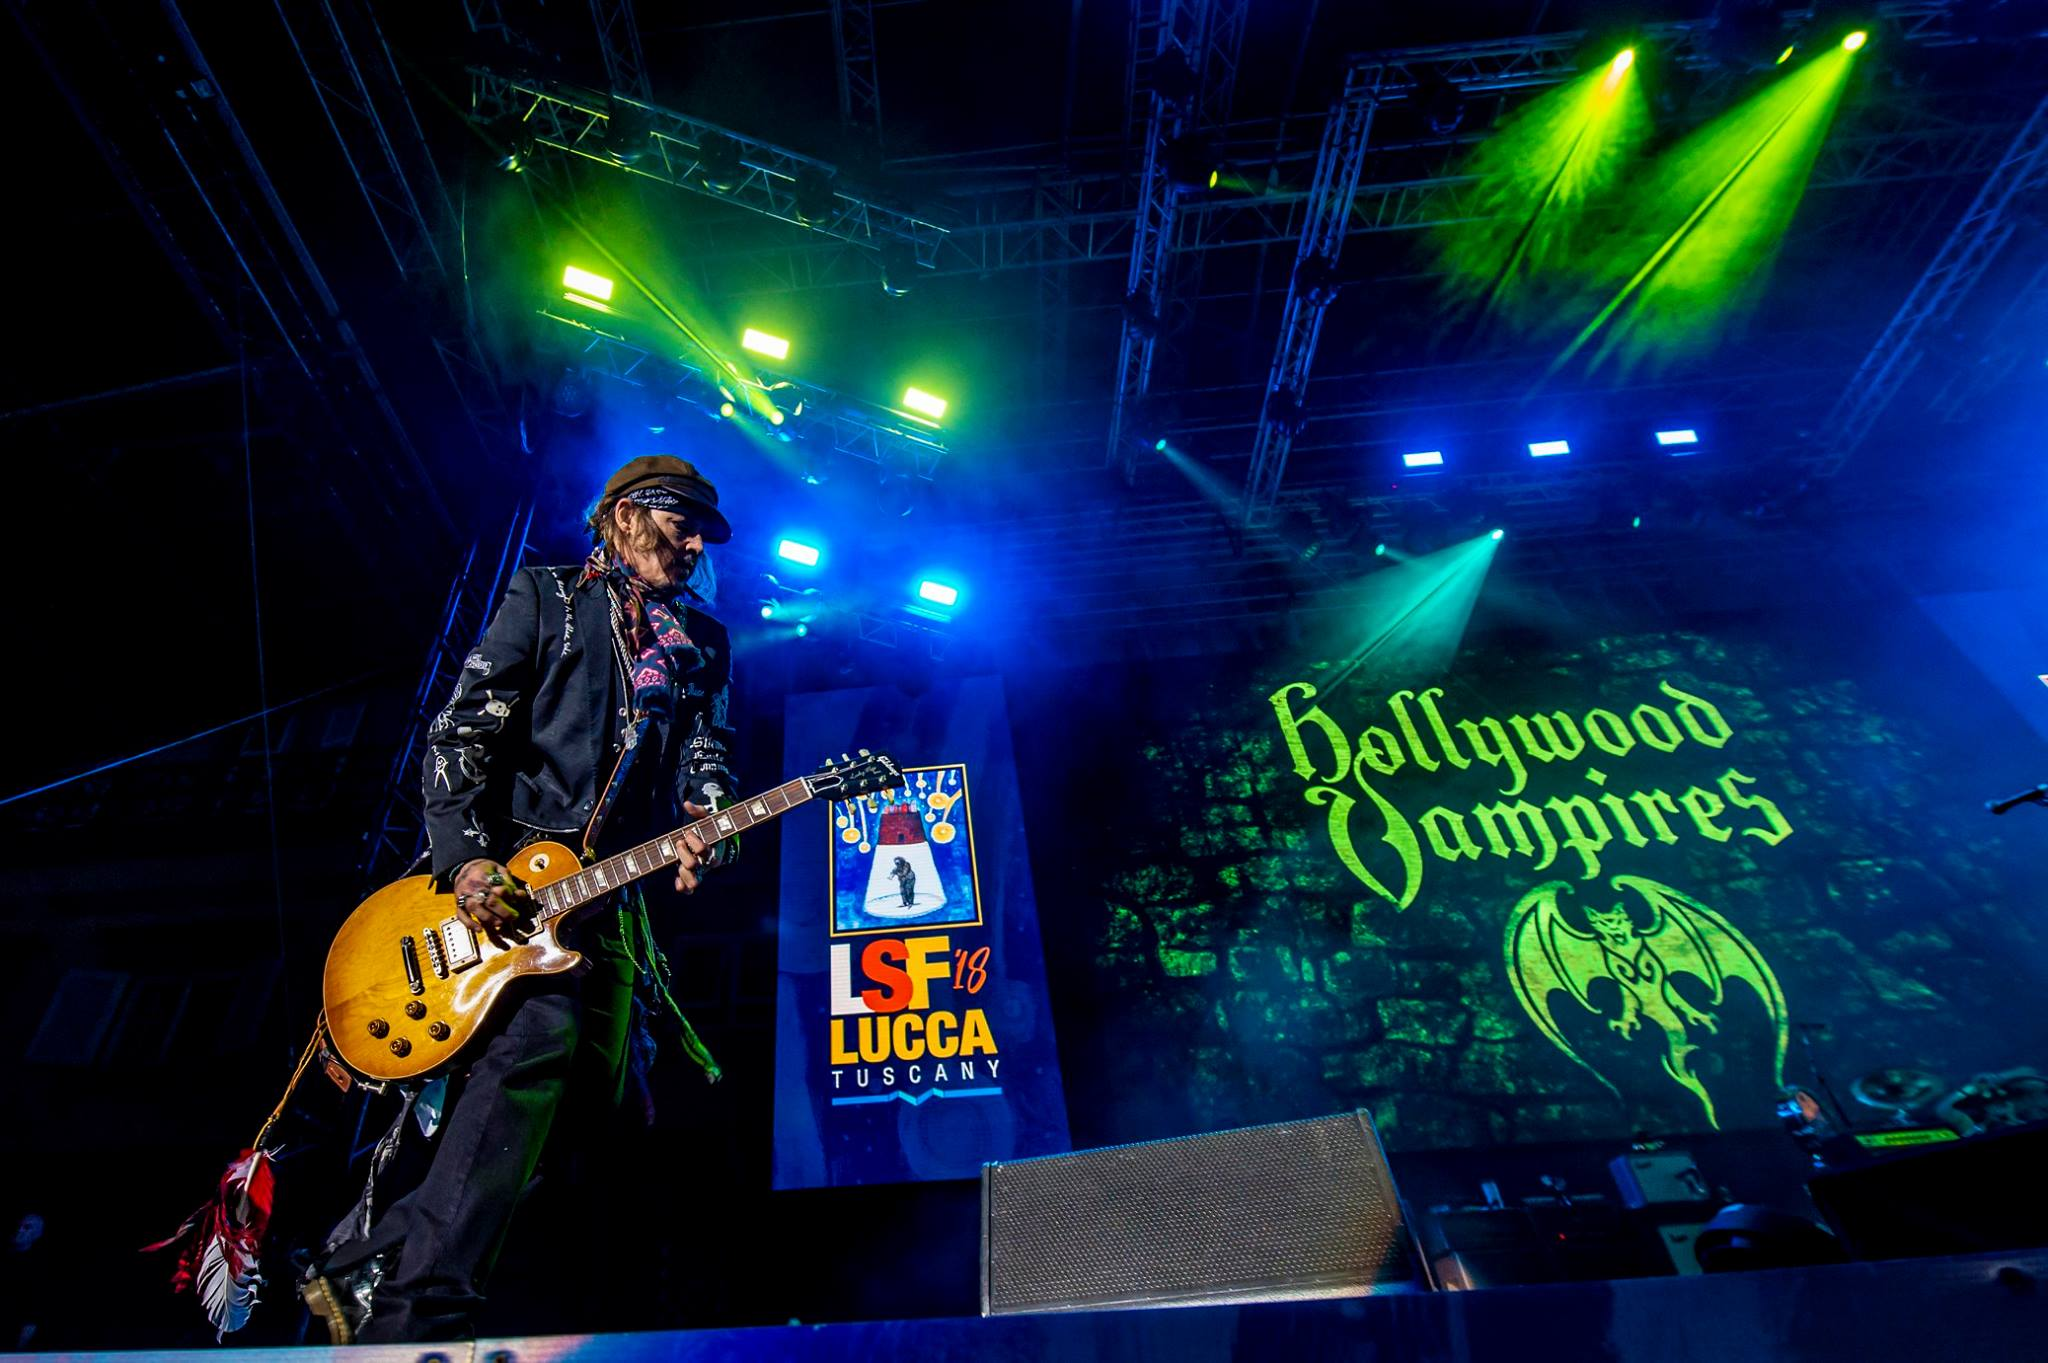 Johnny Depp a Lucca durante il concerto degli Hollywood Vampires